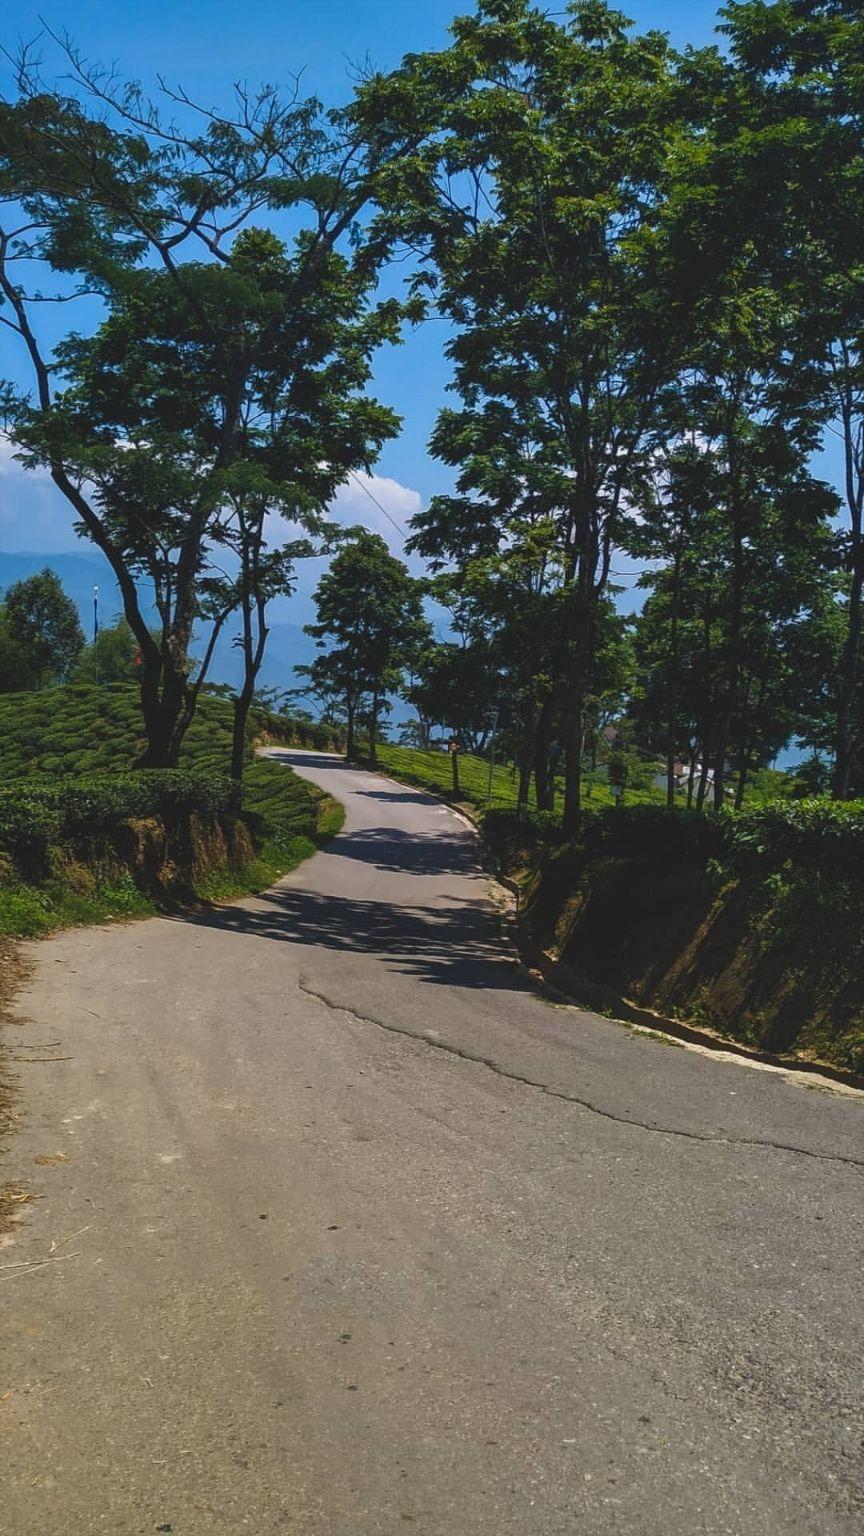 Photo of Darjeeling By Priya Chowdhary